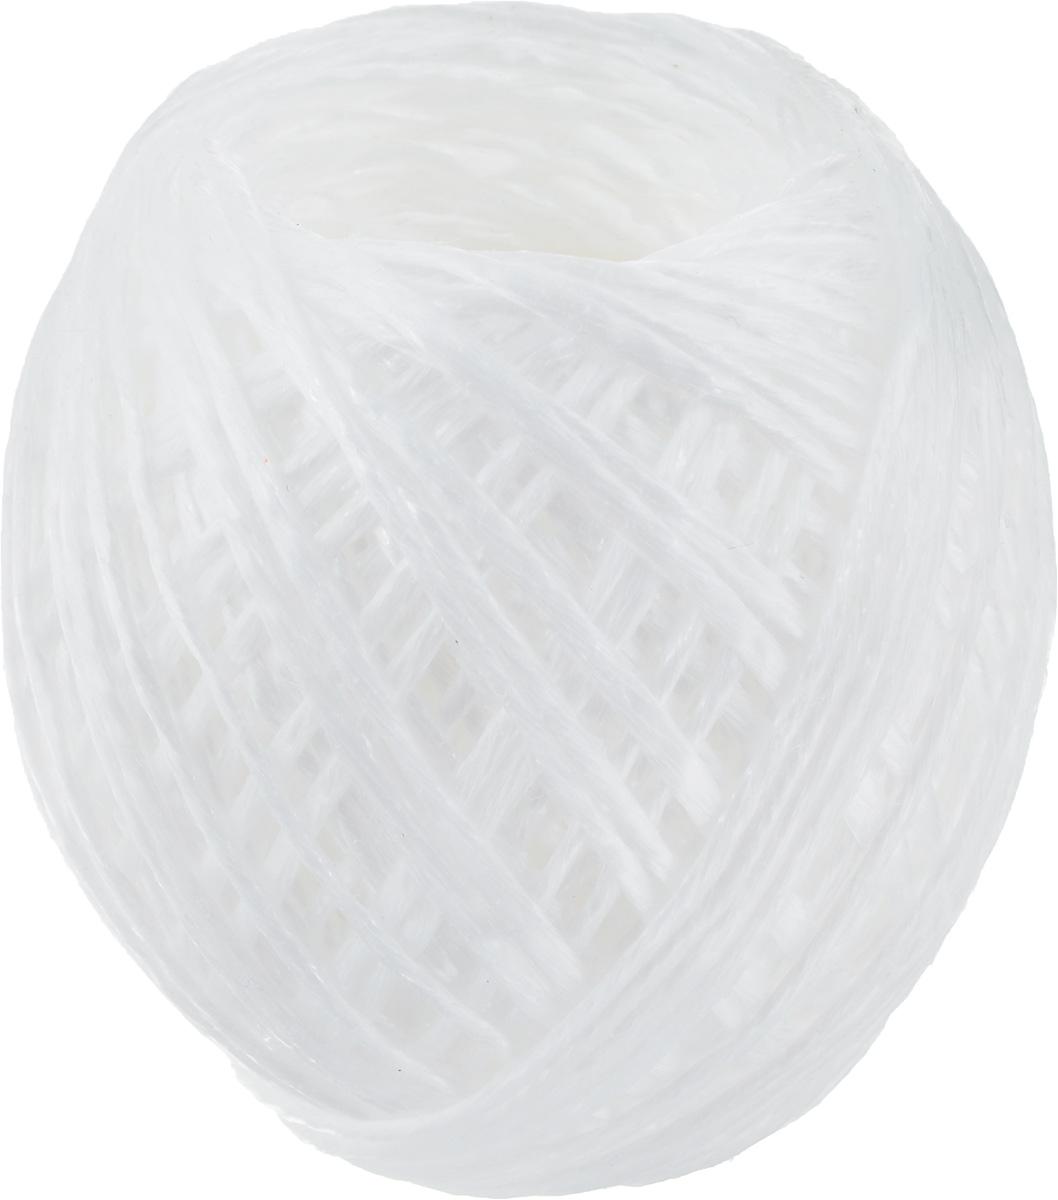 Шпагат полипропиленовый Osttex, длина 100 мшпп1100-100Шпагат Osttex - это сверхпрочная полипропиленовая веревка общего назначения, которая отличается стойкостью к температурному воздействию, истиранию и влаге. Шпагат 100% натуральный и экологически чистый. Используется для хозяйственно-бытовых целей, упаковочных и декоративных работ. Безопасен для использования с пищевыми продуктами. Длина: 100 м. Линейная плотность: 1100 текс.